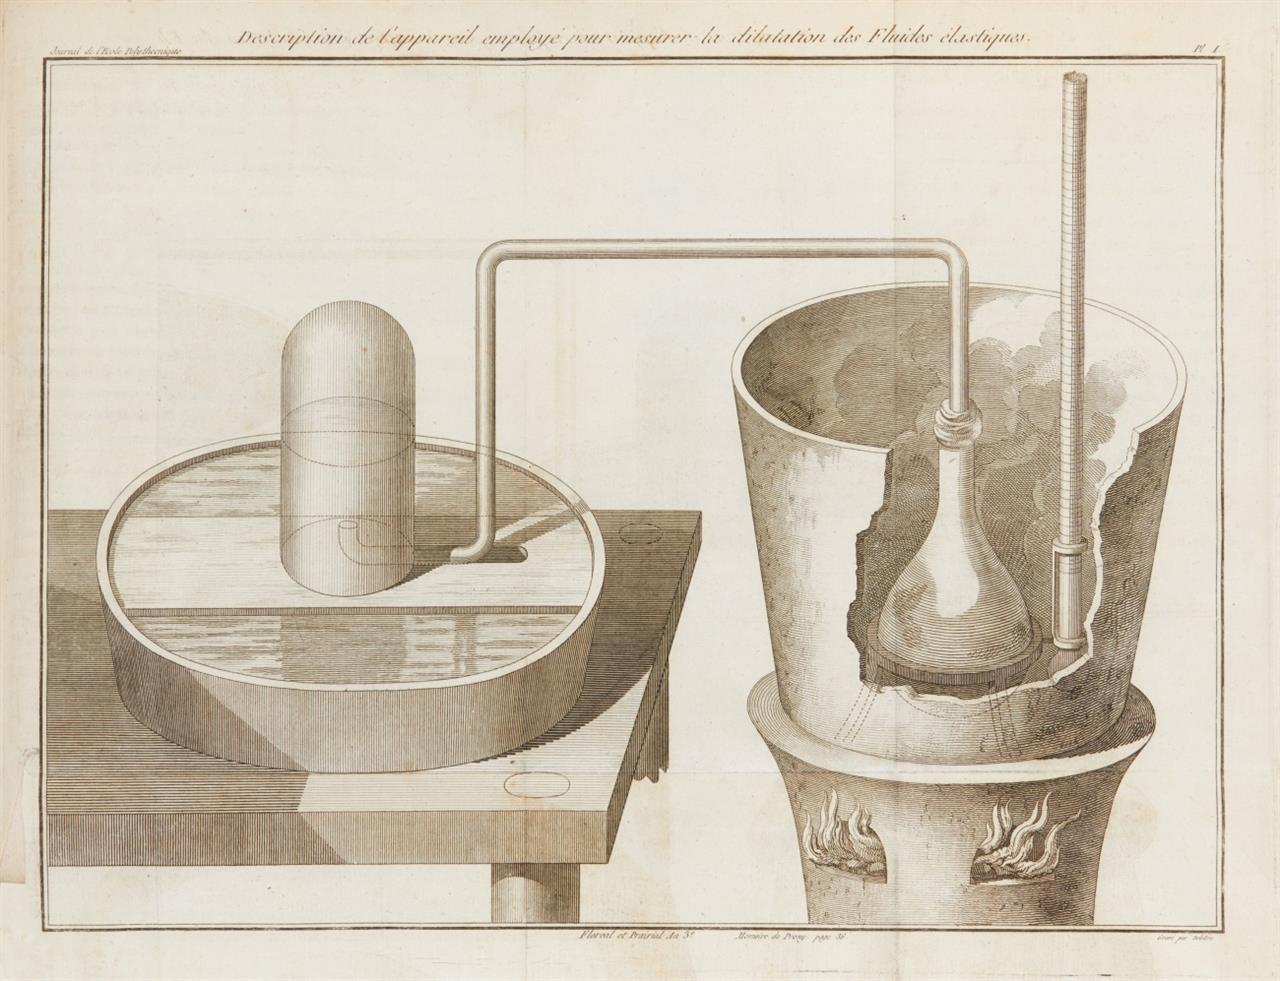 Journal polytechnique. Hefte 1-7 d. Reihe  in 4 Bdn. Paris 1794-1800.